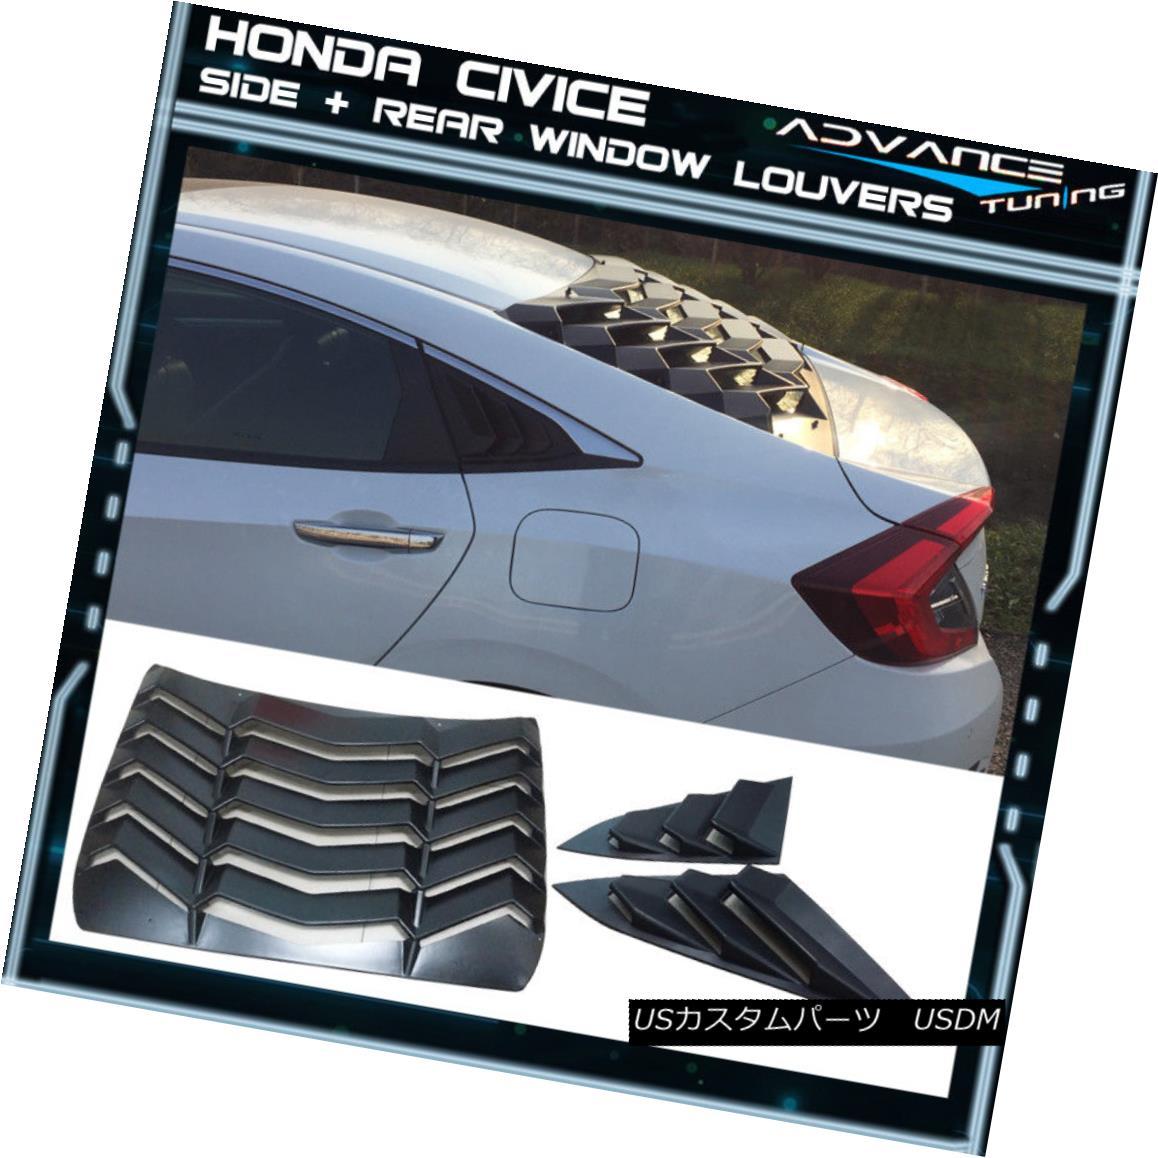 2021人気No.1の エアロパーツ For Pair 16-18 For Honda Civic Sedan Rear + Louvers Side Pair Window Louvers Black ABS 16-18ホンダシビックセダンリア+サイドペアルーバーブラックABS, タキノチョウ:ab796a4d --- verandasvanhout.nl